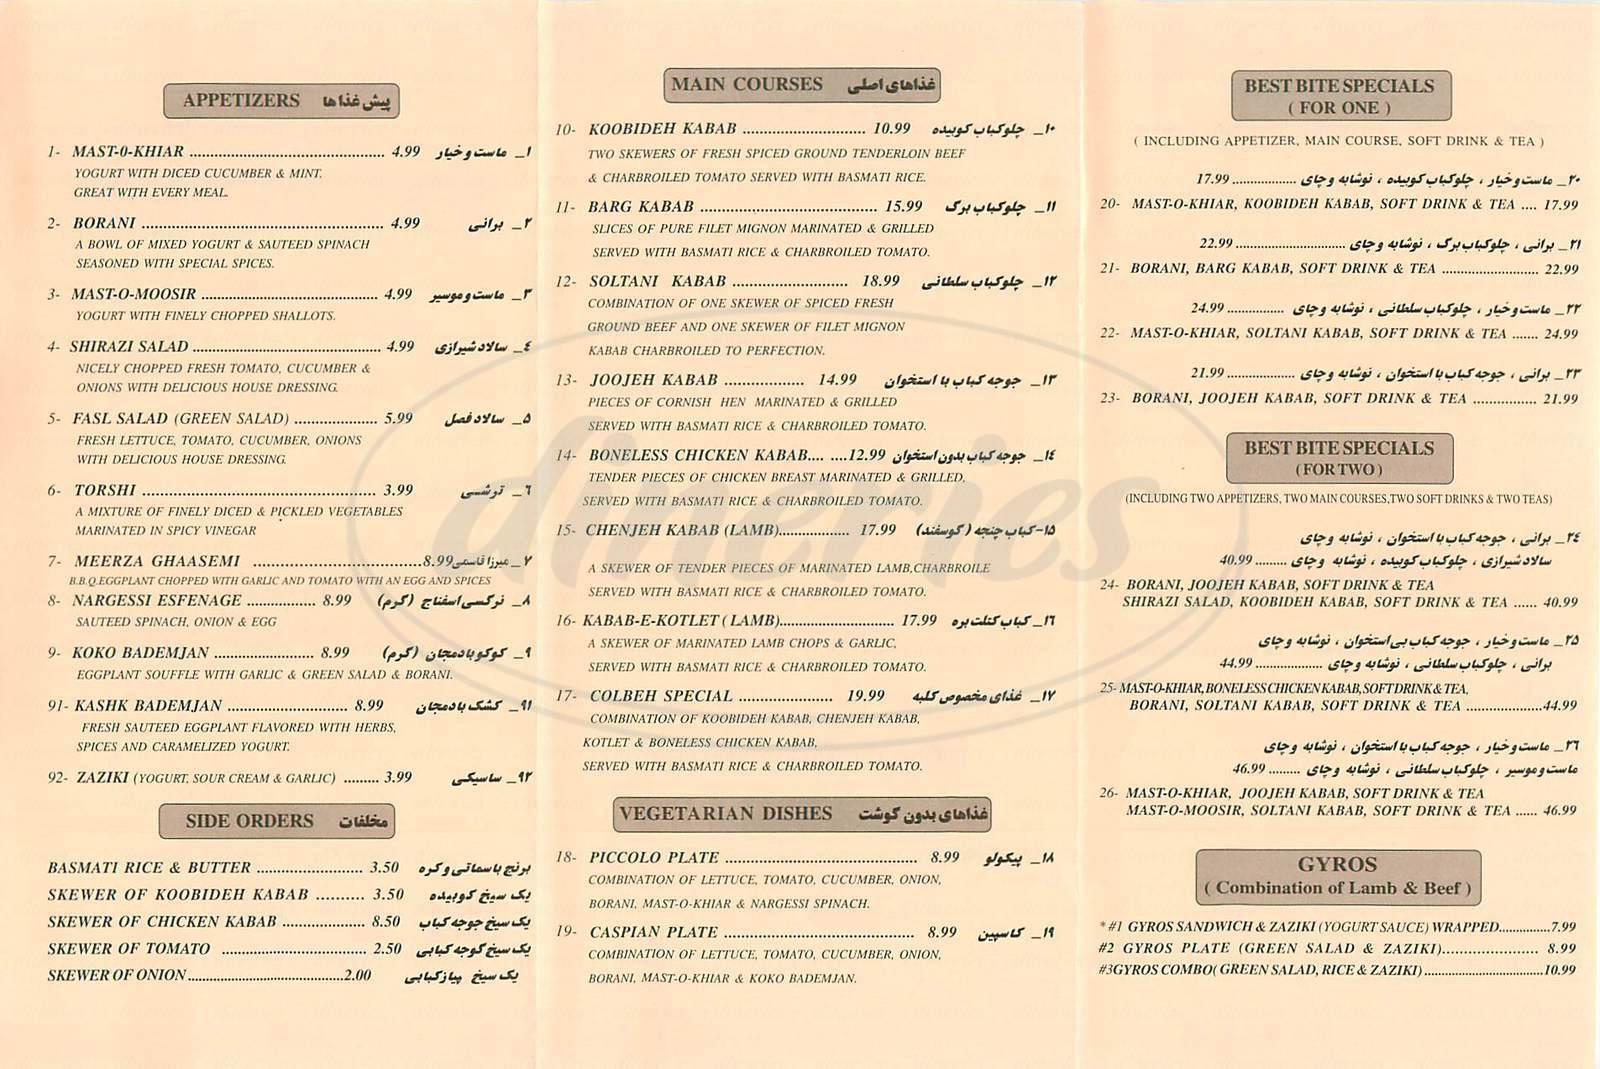 Best Bite Restaurant Menu Mountain View Dineries